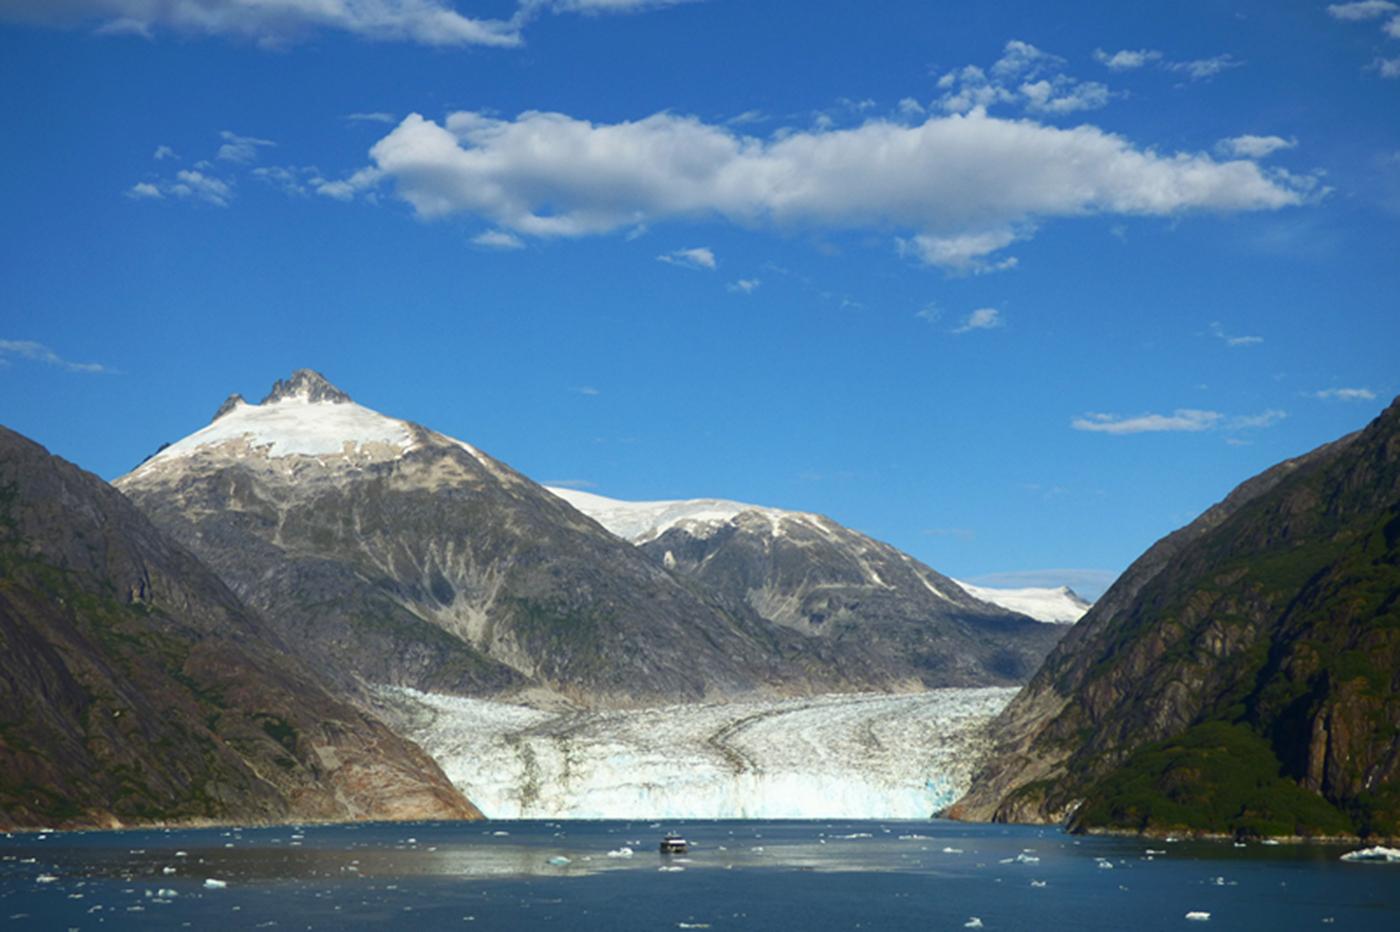 阿拉斯加,那山、那水、那人……_图1-14